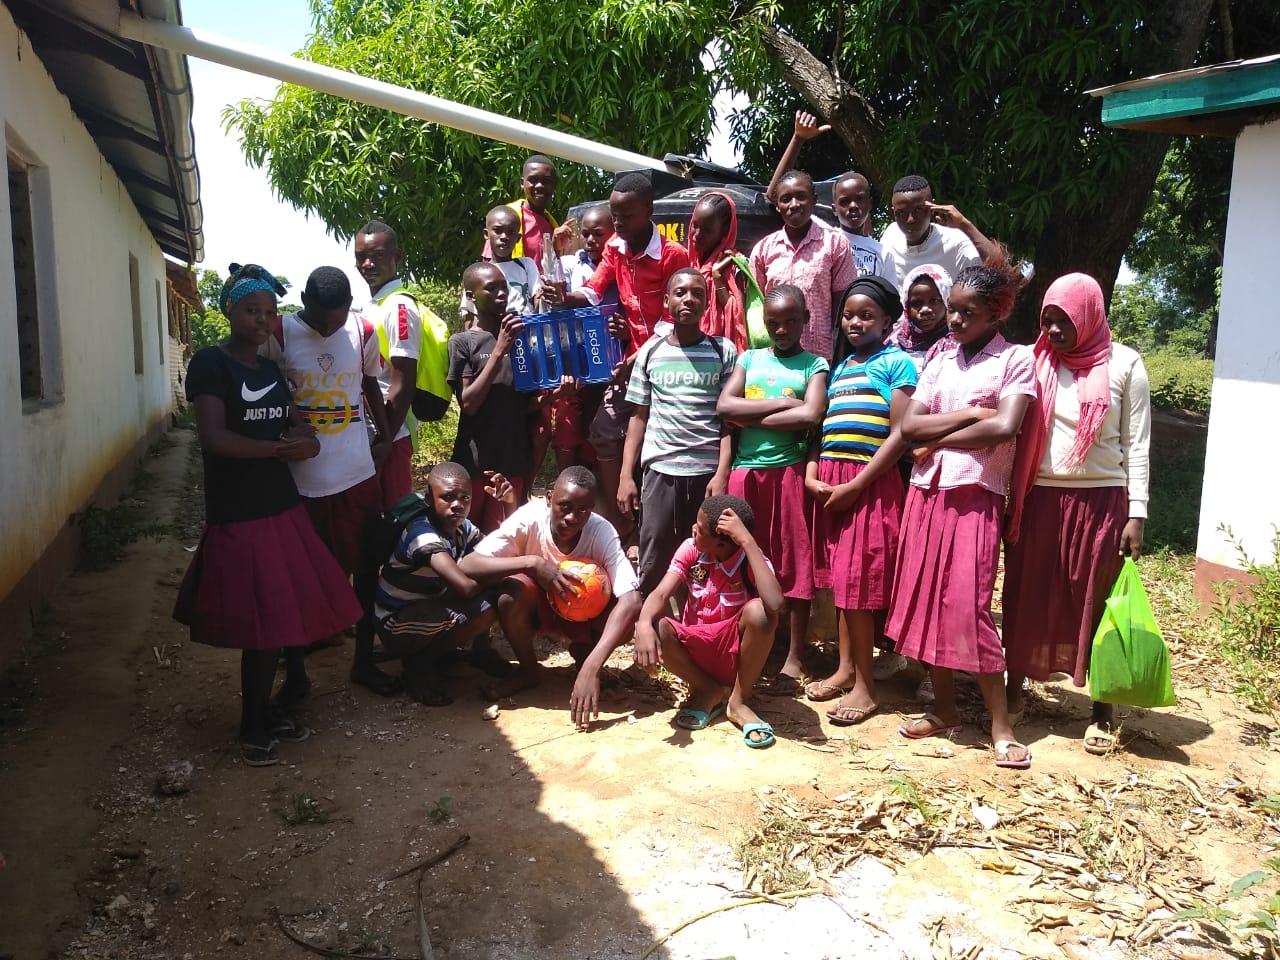 Die Schüler sind stolz und dankbar dafür, was in den vergangnen Wochen an ihrer Schule entstanden ist